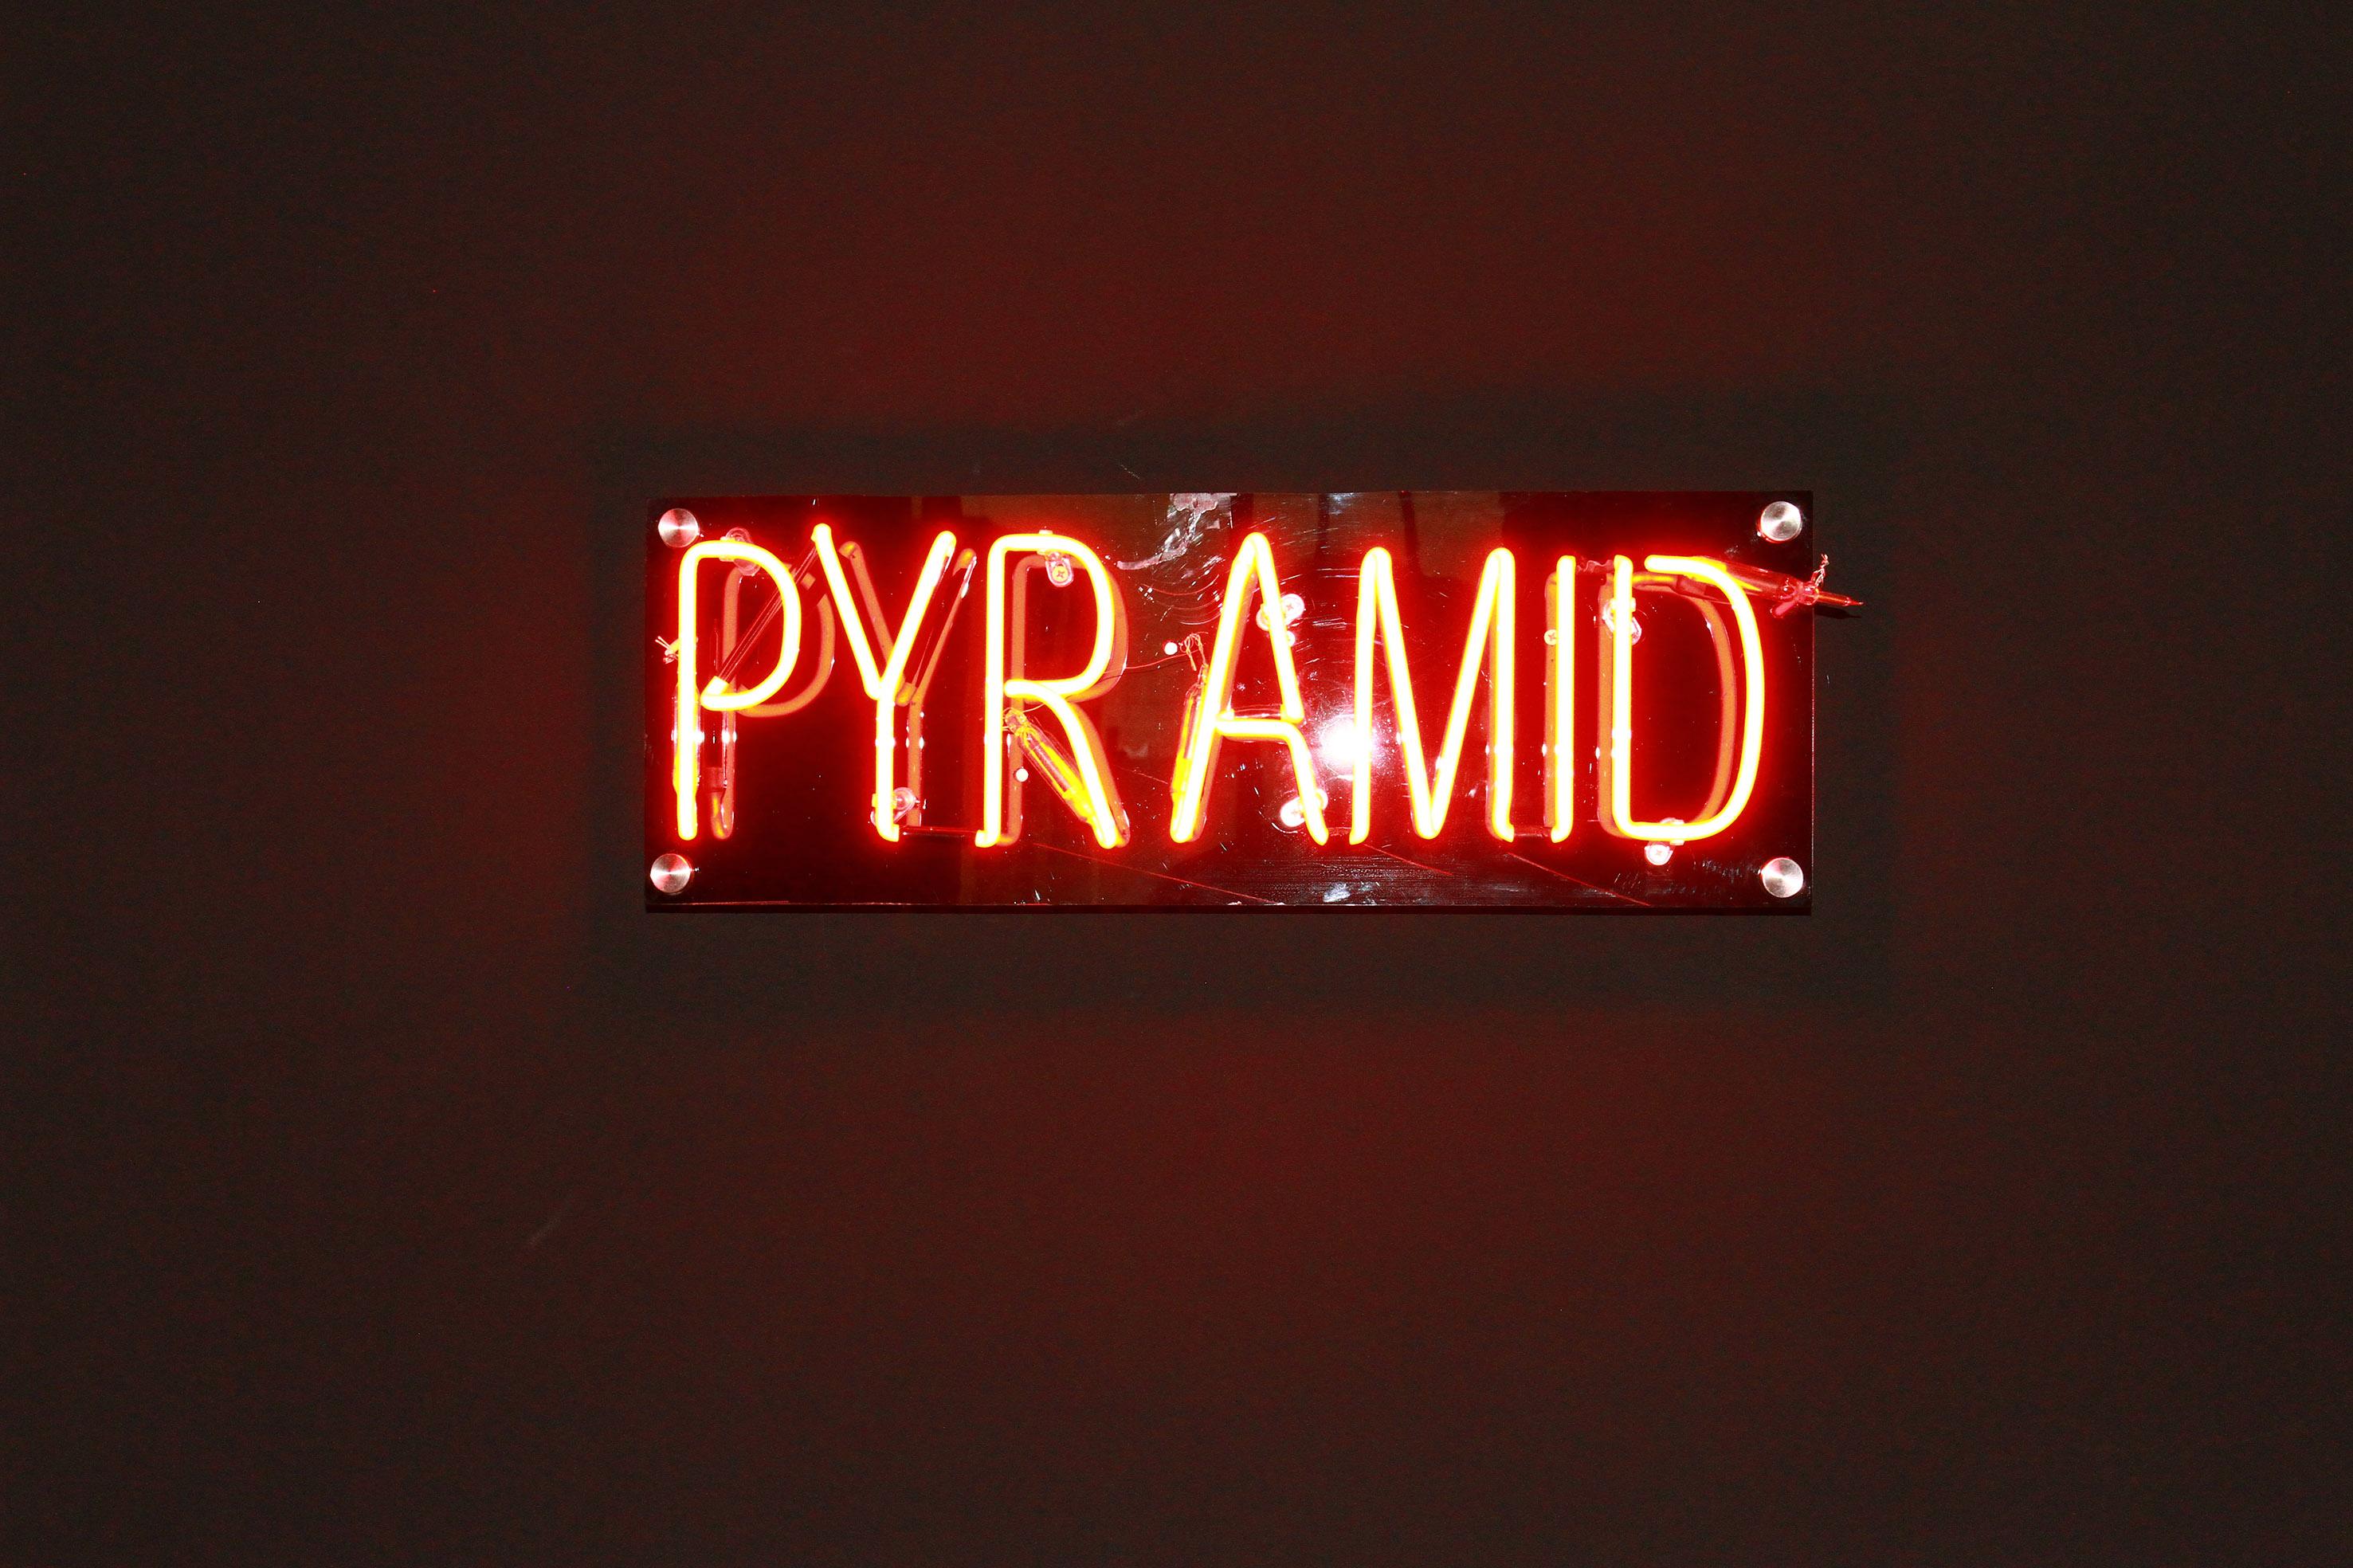 Pyramid pyramid original